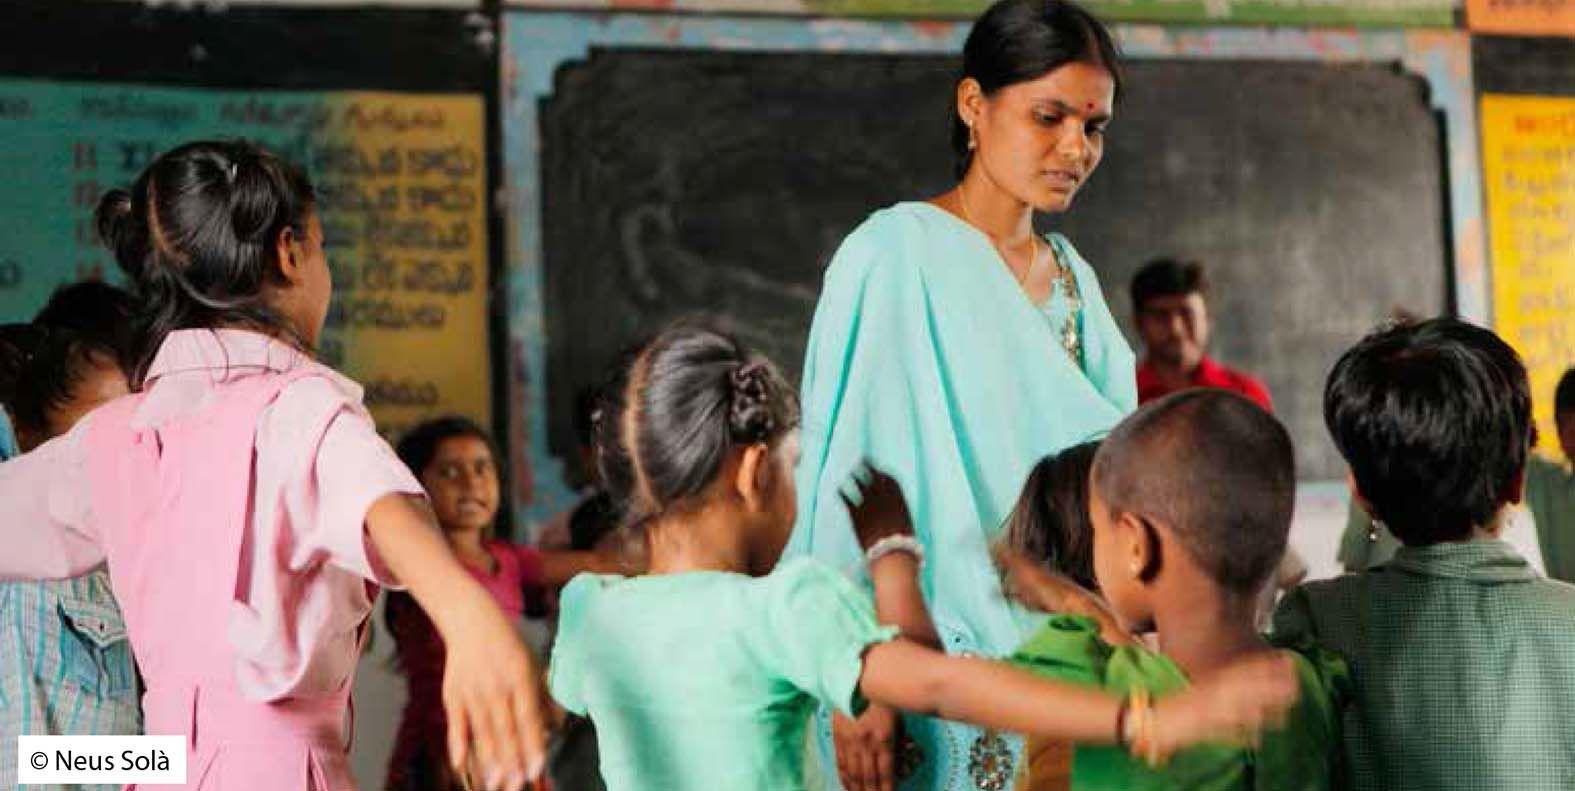 Cabanillas aporta 20.000 euros a un proyecto de cooperación educativa en la India, con la Fundación Vicente Ferrer